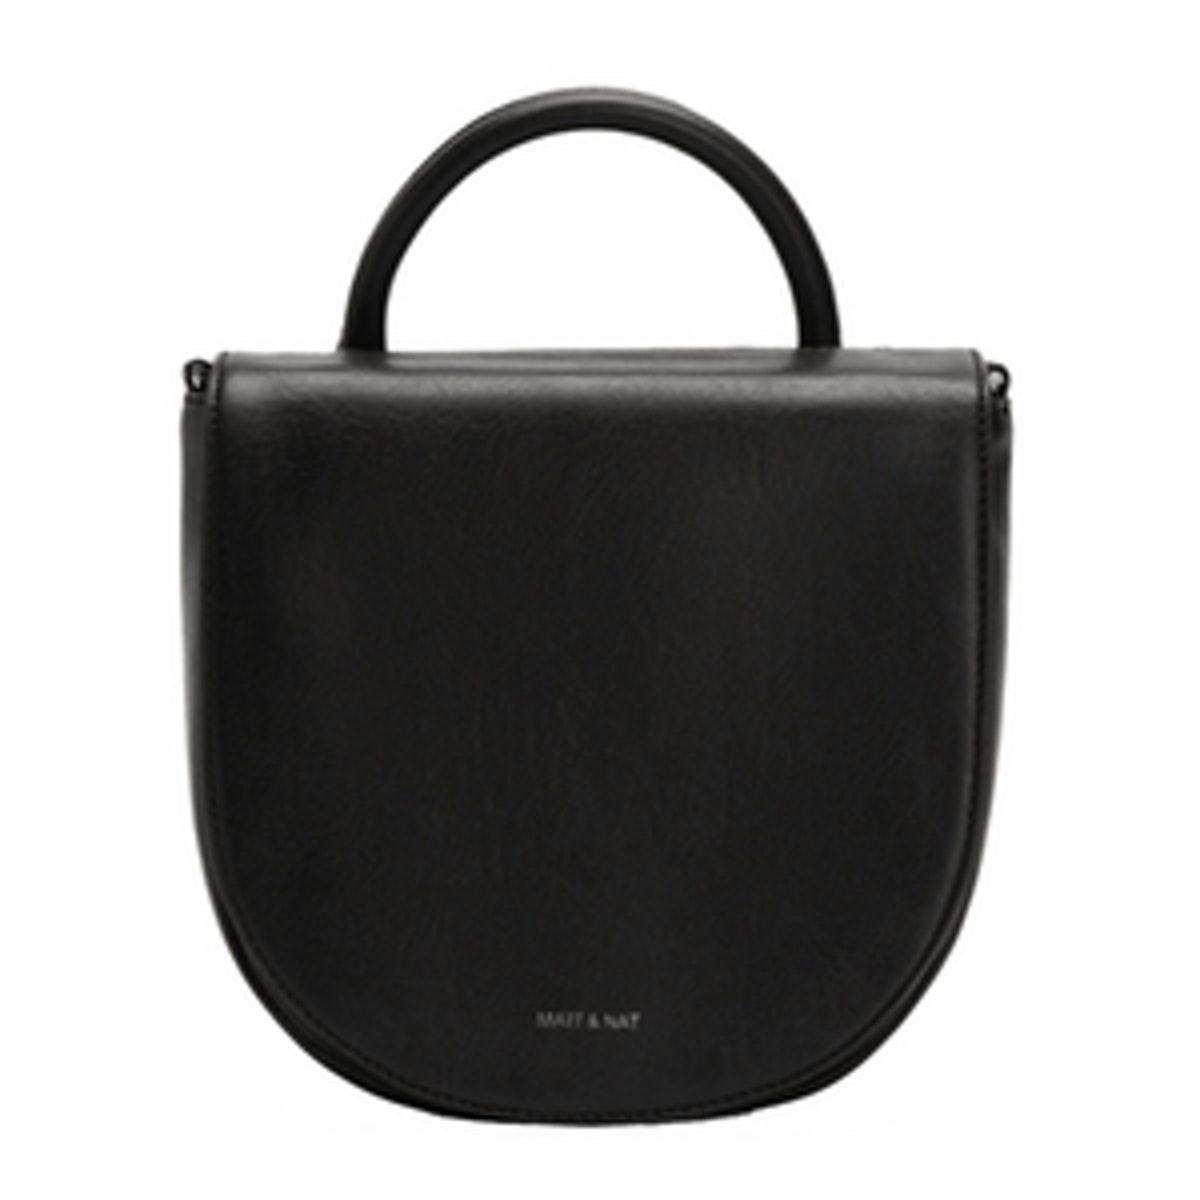 Parabole Saddle Bag